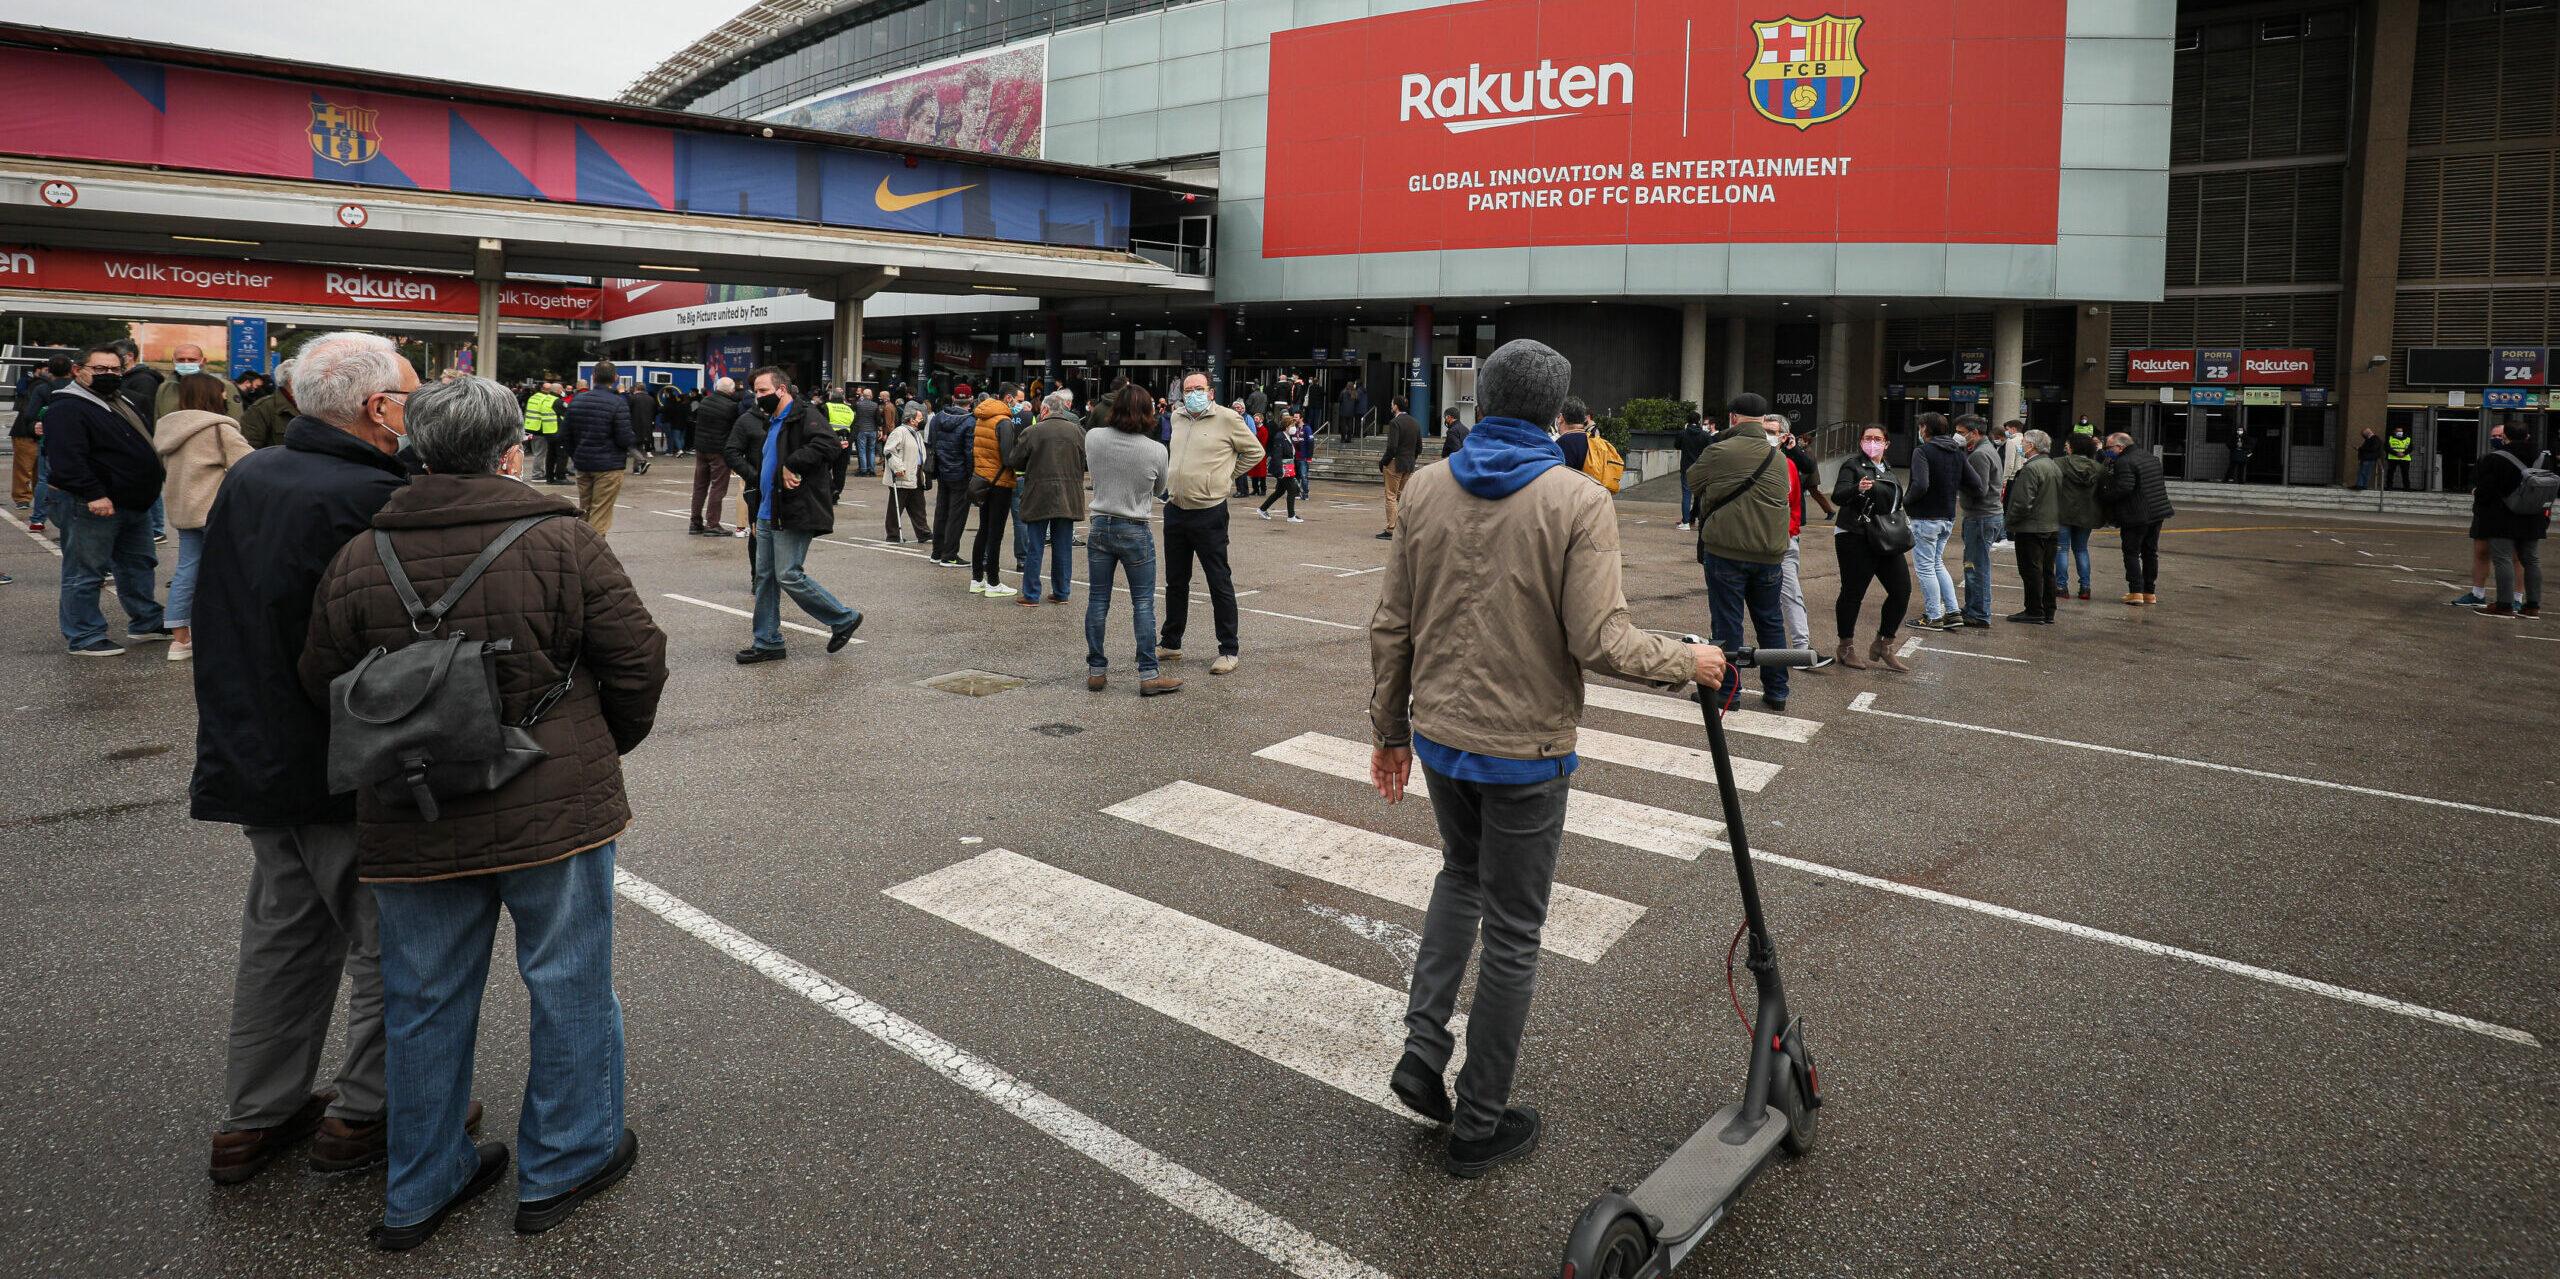 Socis del Barça fan cua abans de votar   Jordi Borràs